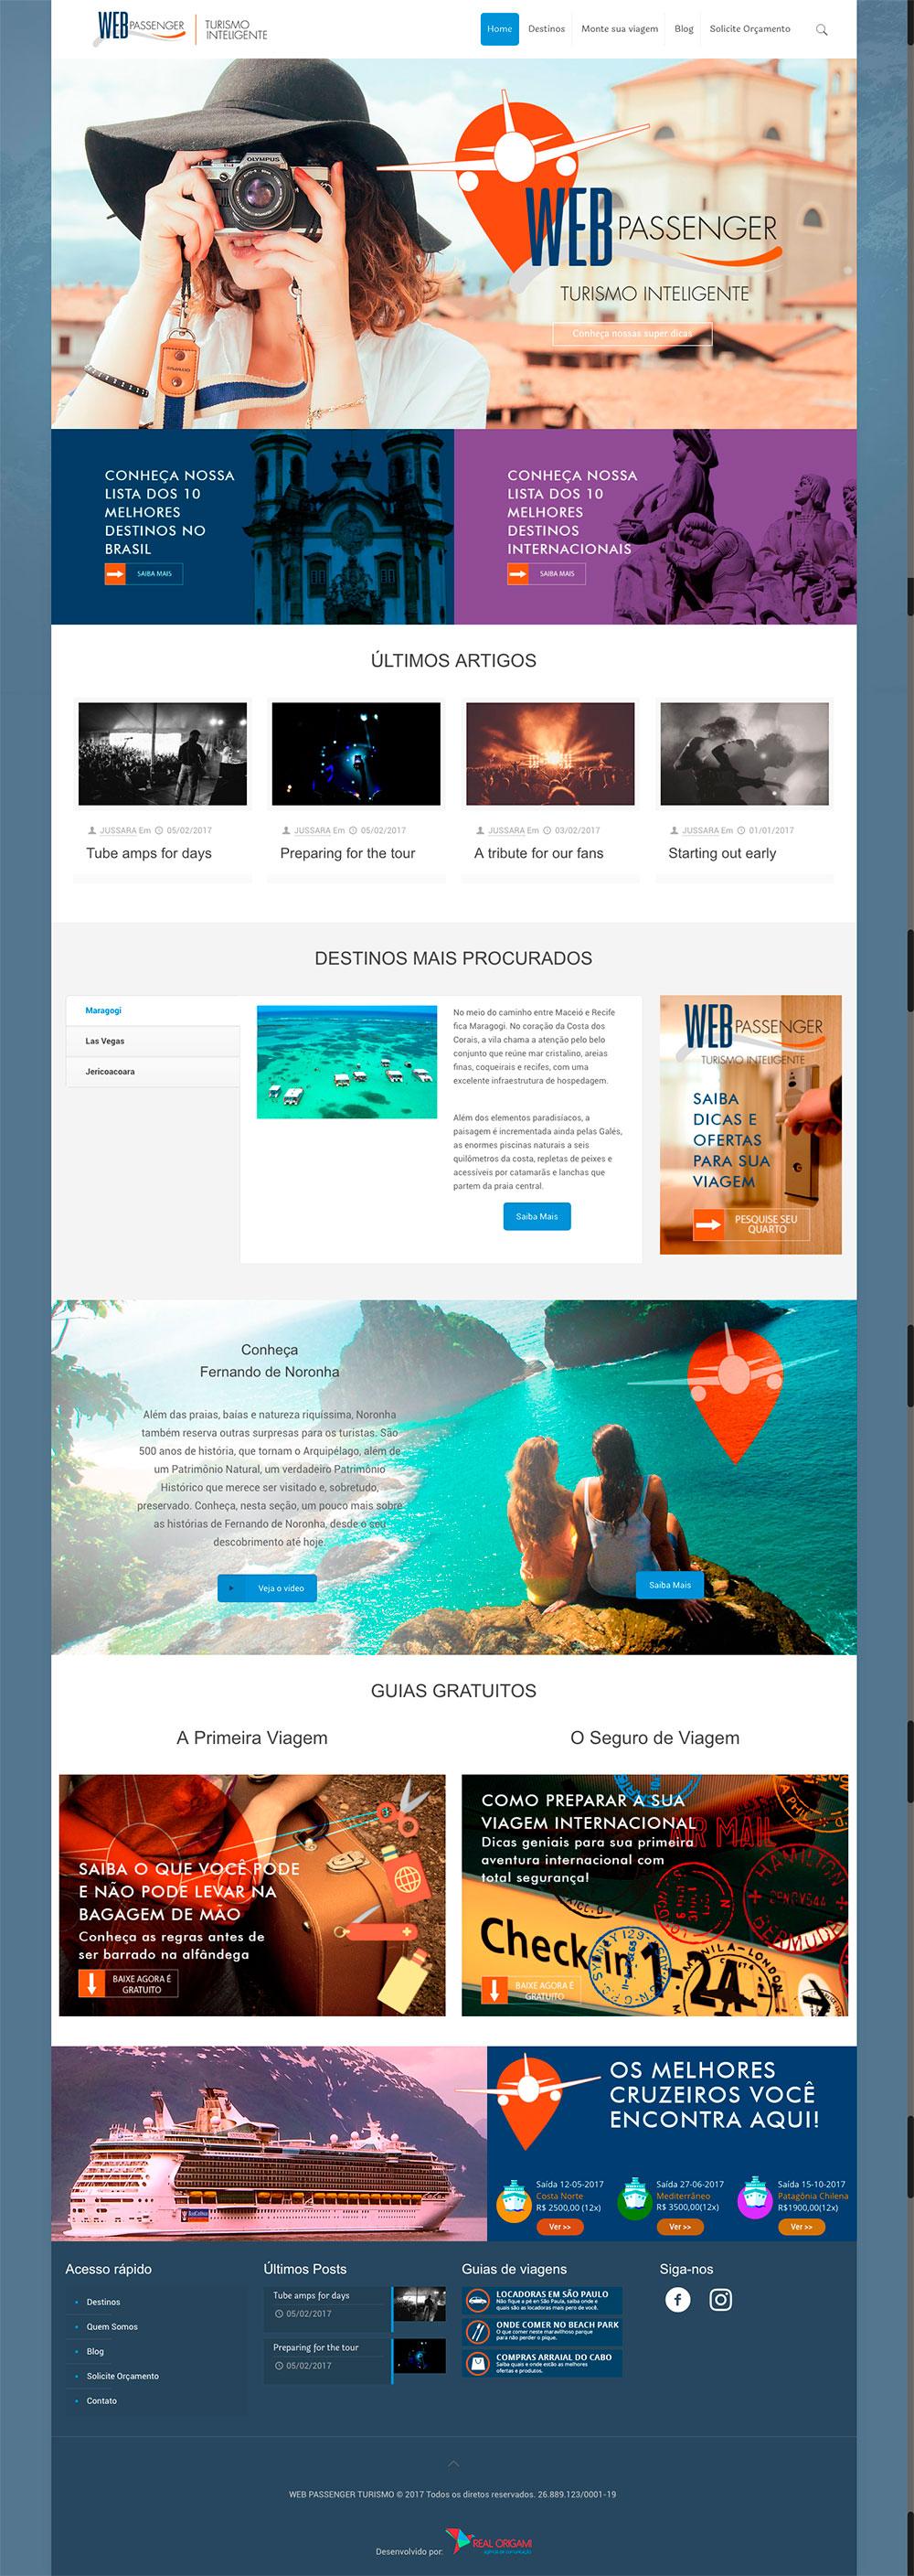 site_webpassenger